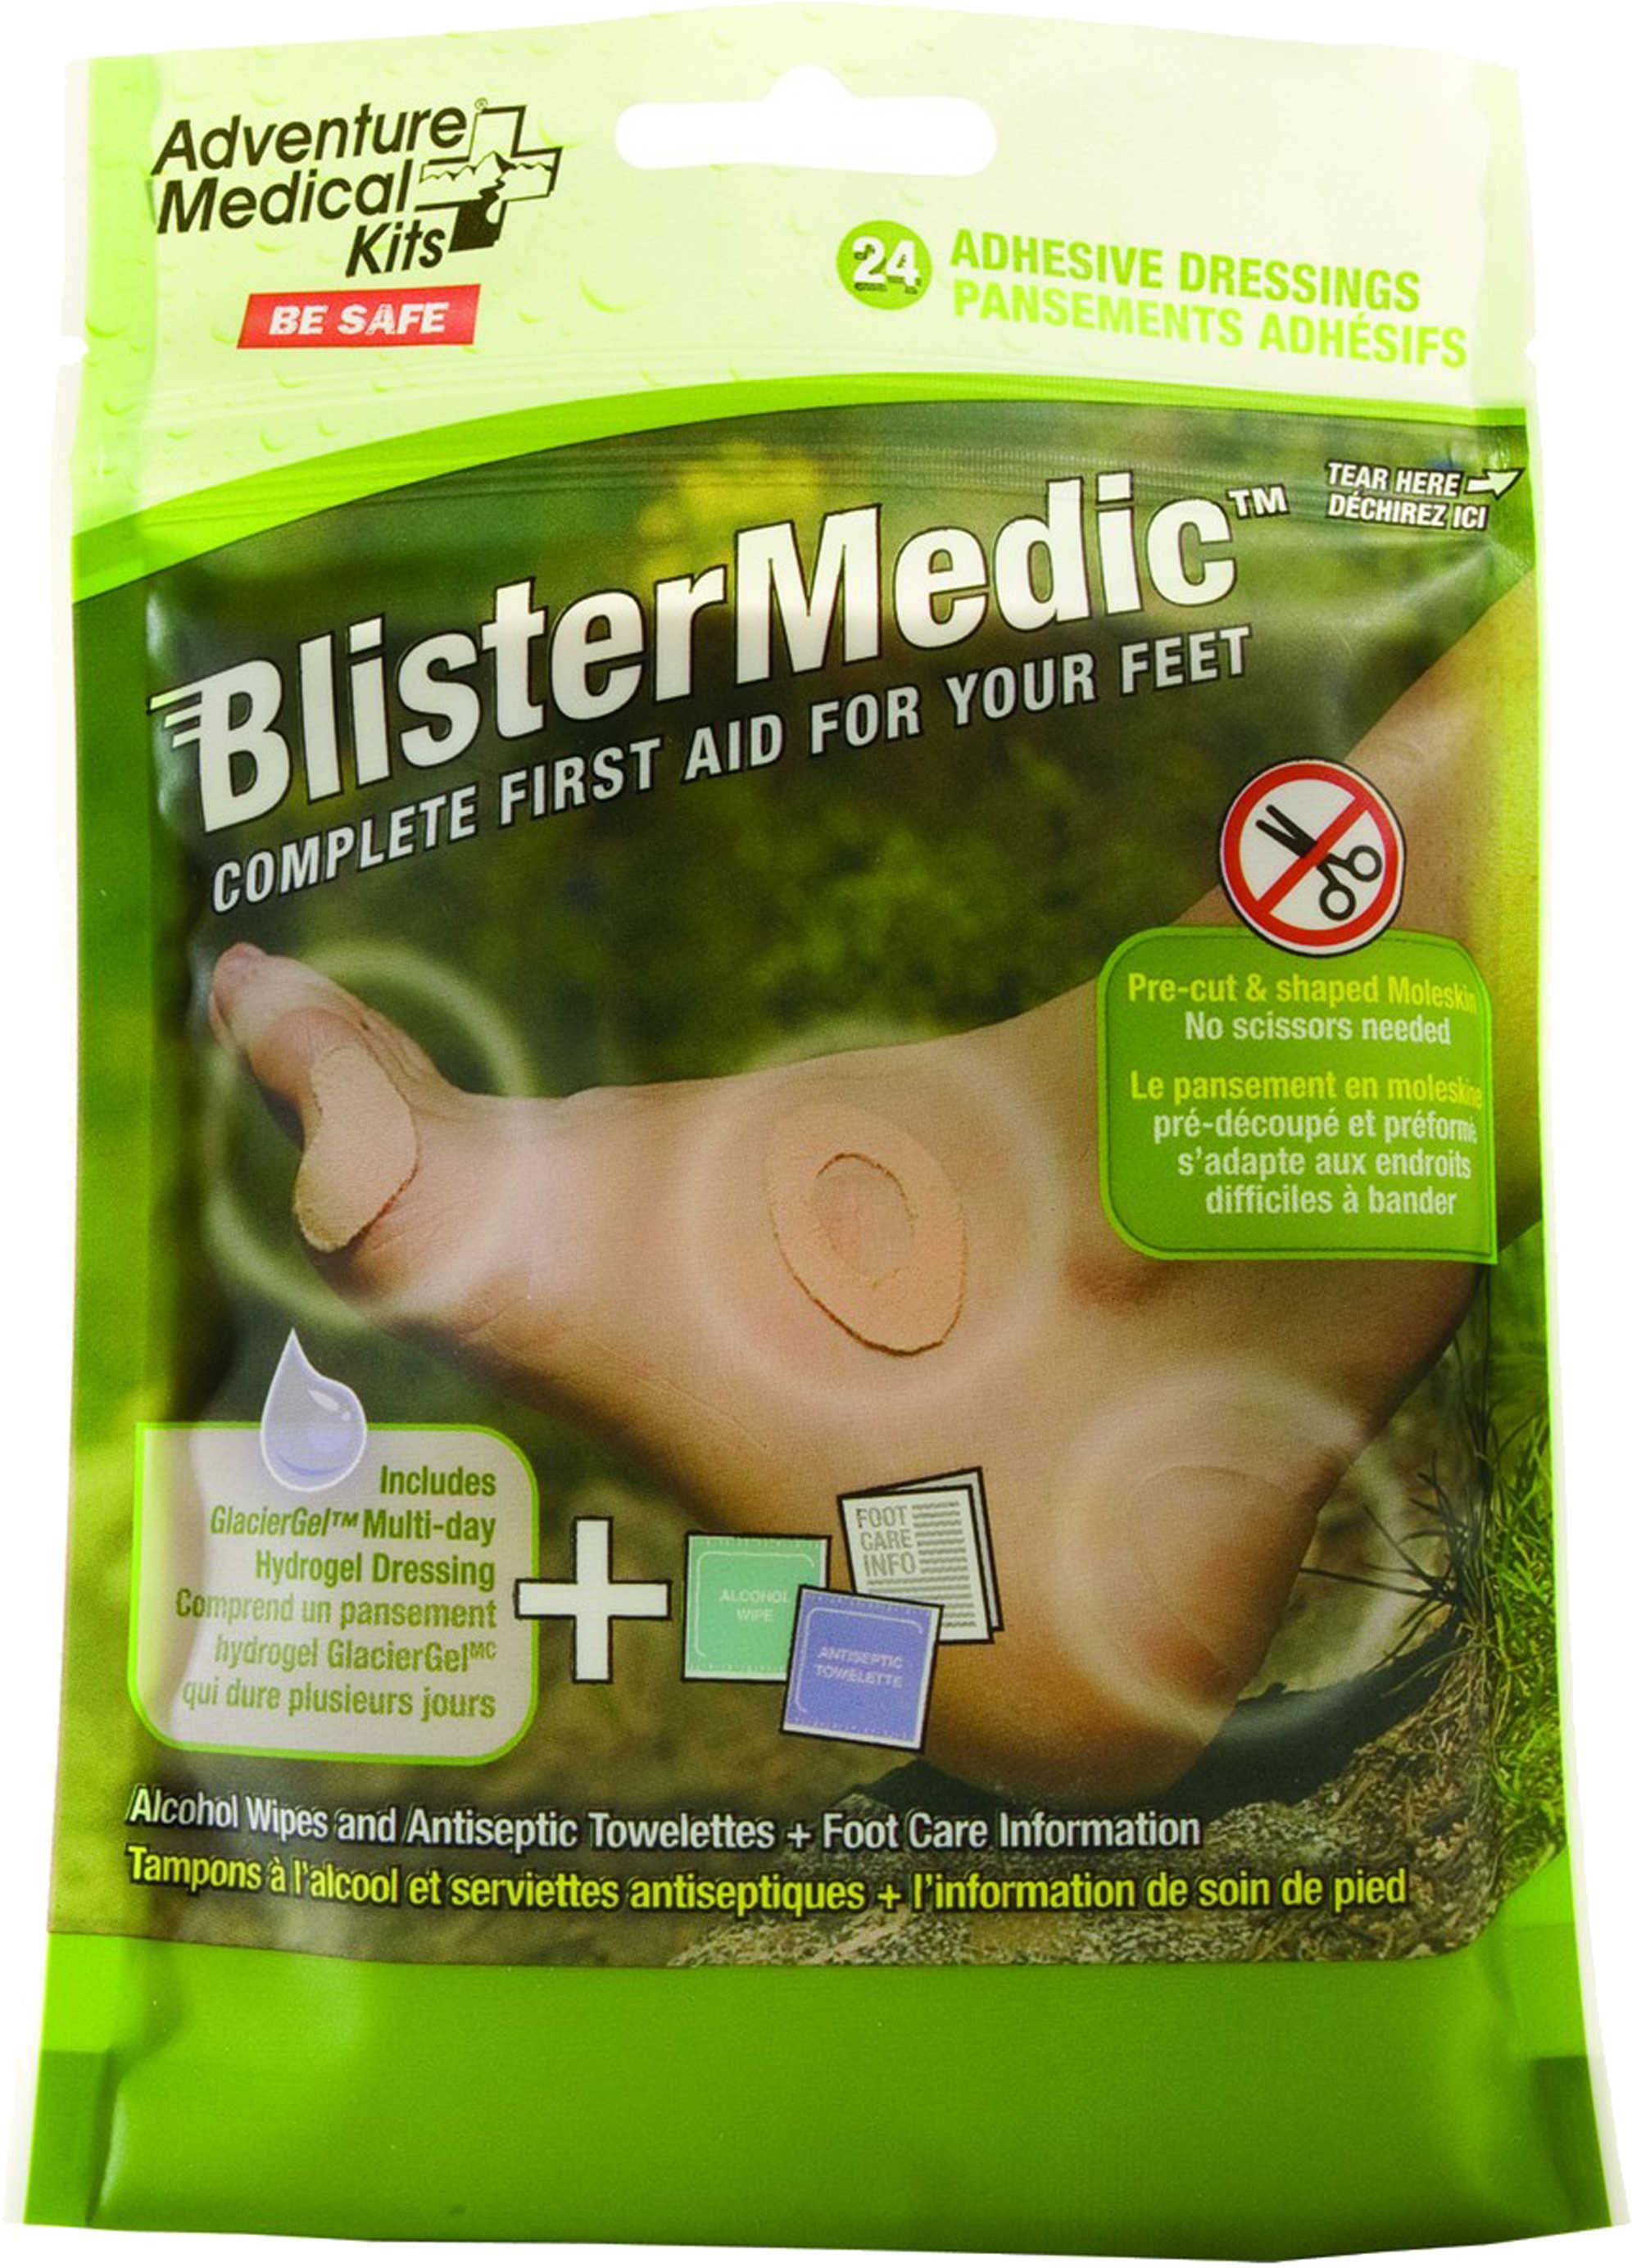 Adventure Medical Kits 01550667 Blister Medic Kit With Glacier Gel